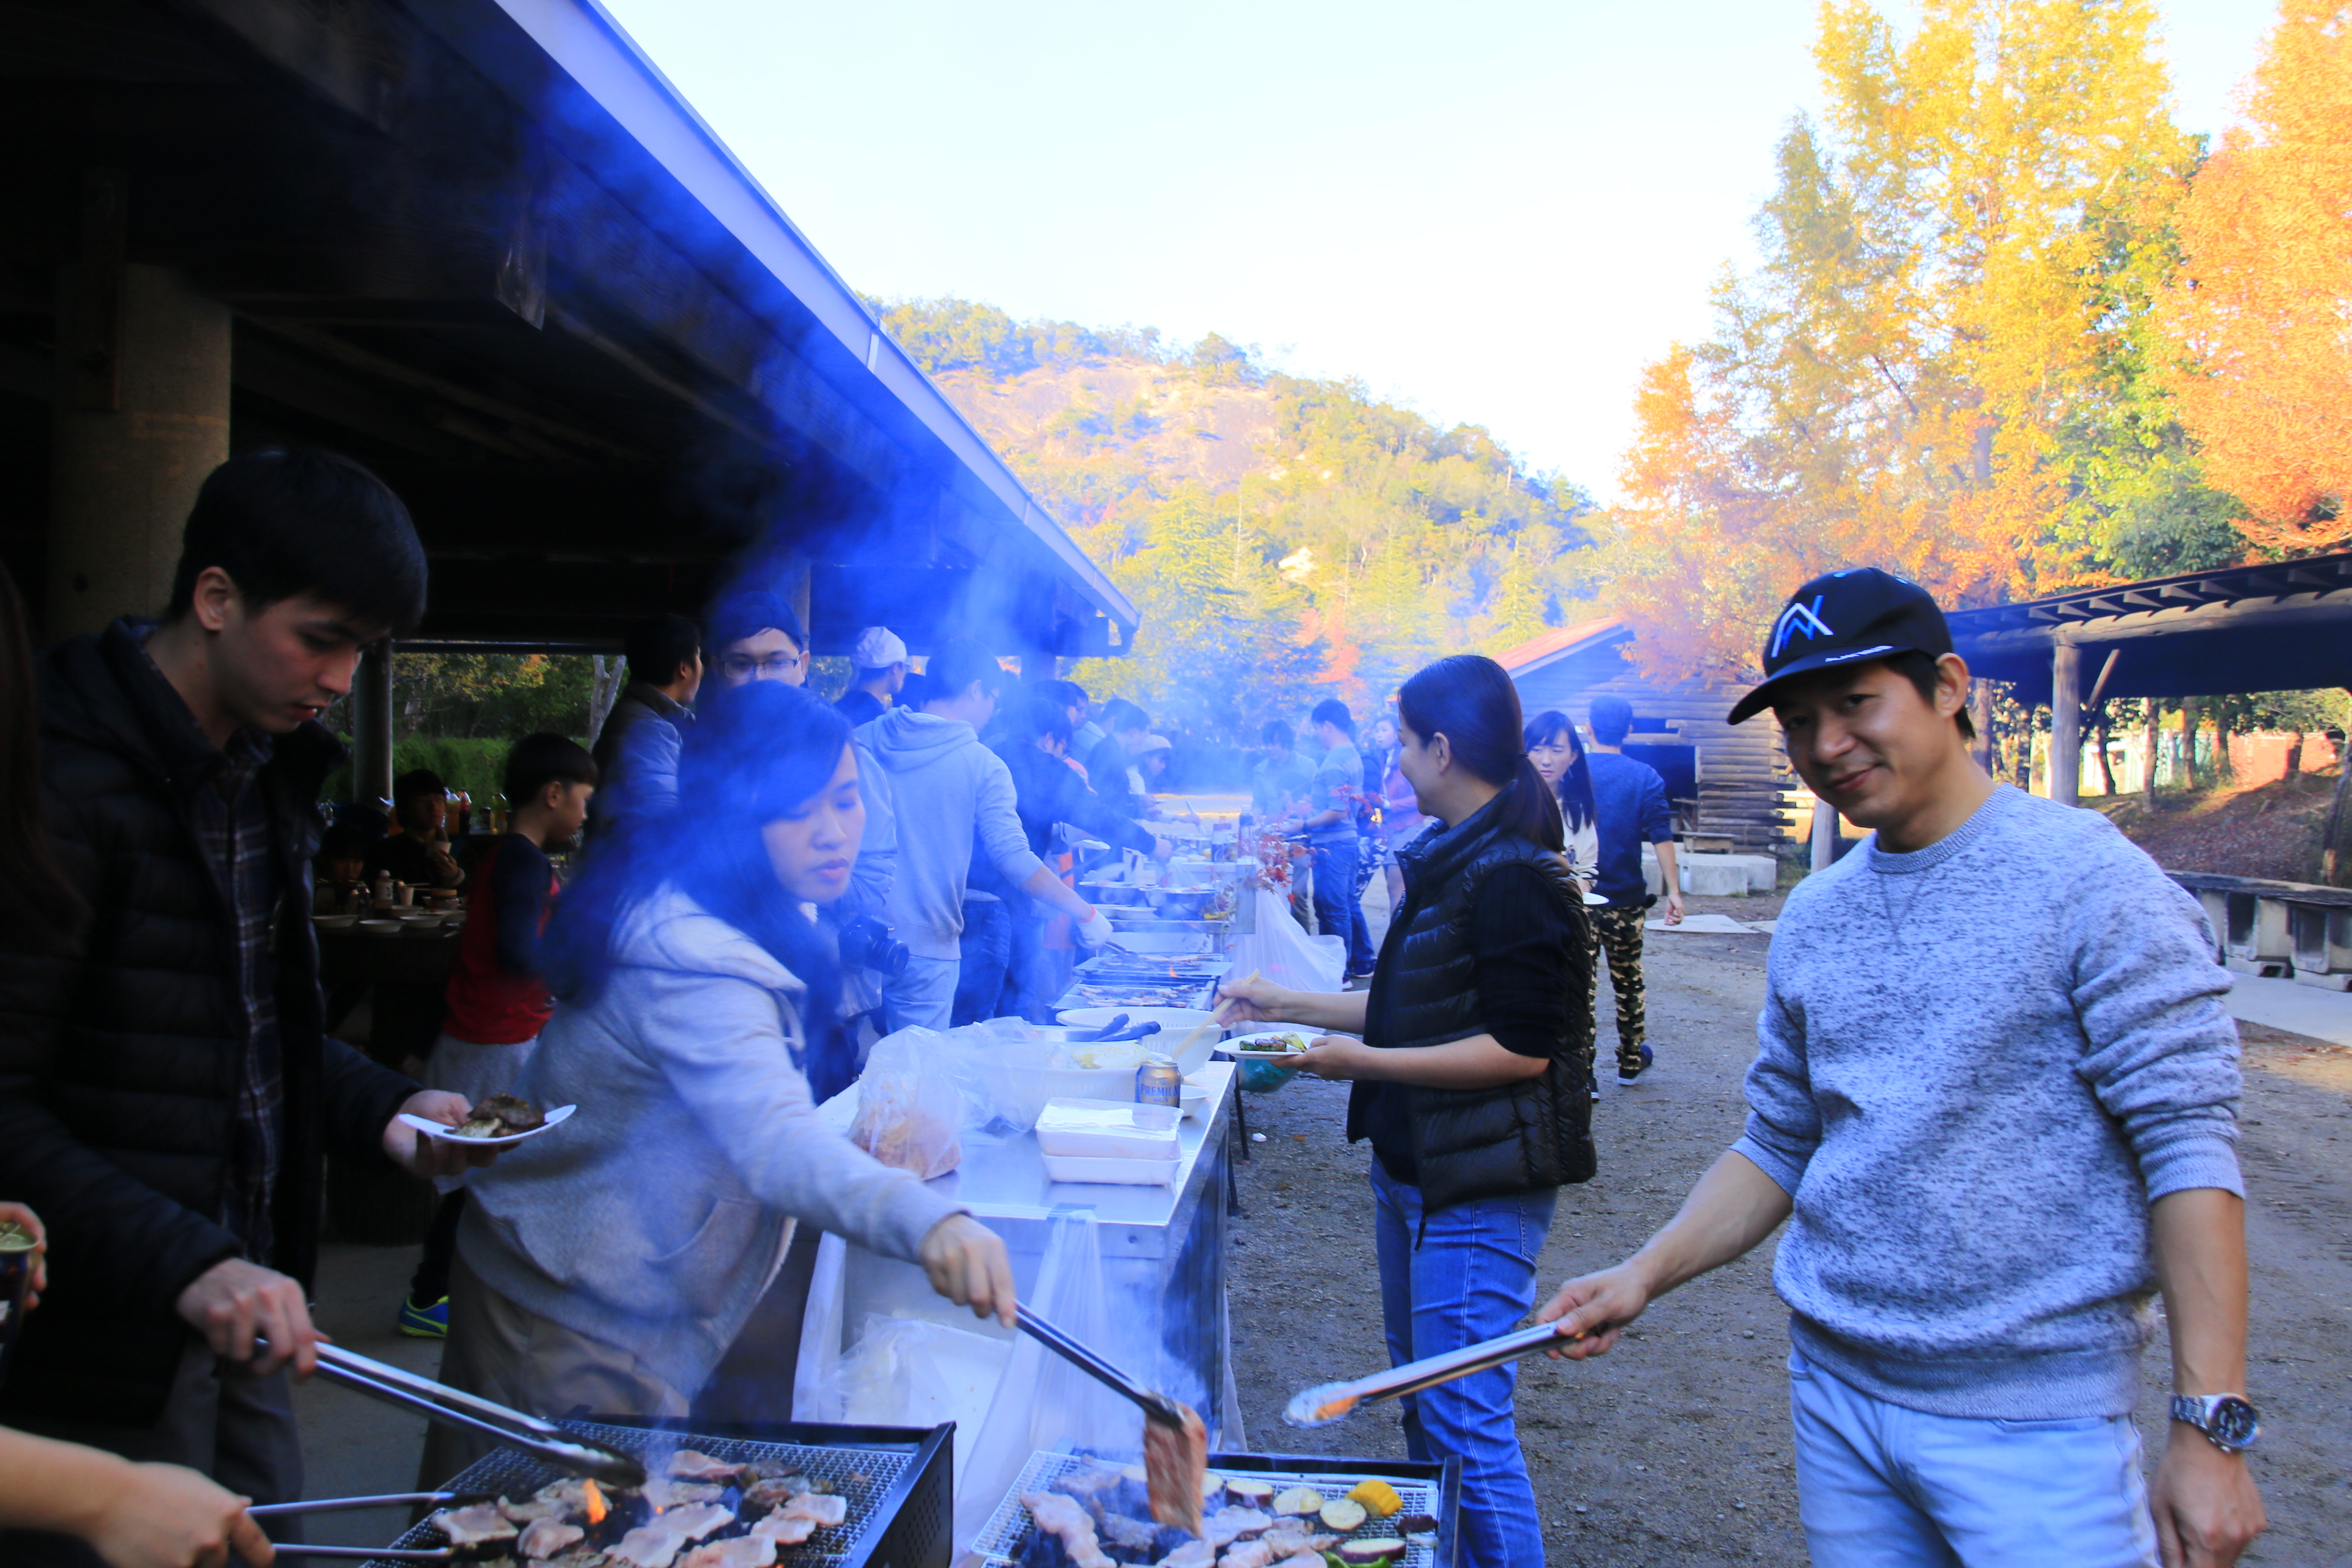 Chiều ngày 10/11, đoàn có buổi dã ngoại ngoài trời với tiệc đứng BBQ cùng nhau rất vui vẻ, gần gũi.